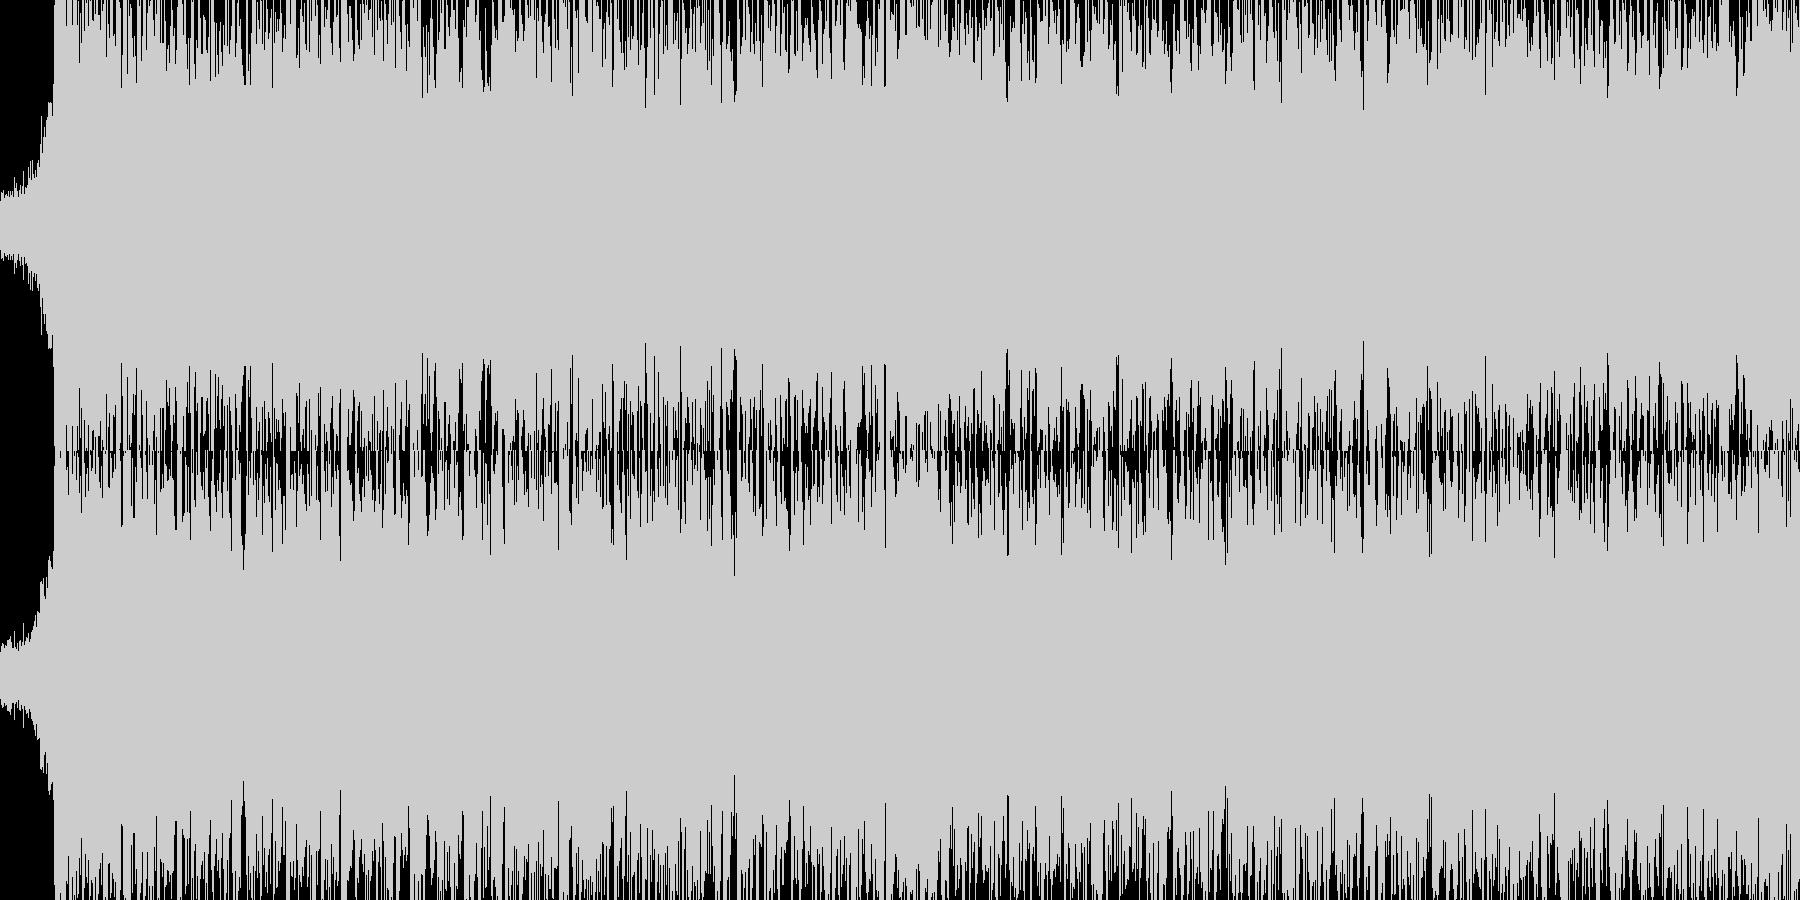 交響曲第9 コーラス トランス 01の未再生の波形